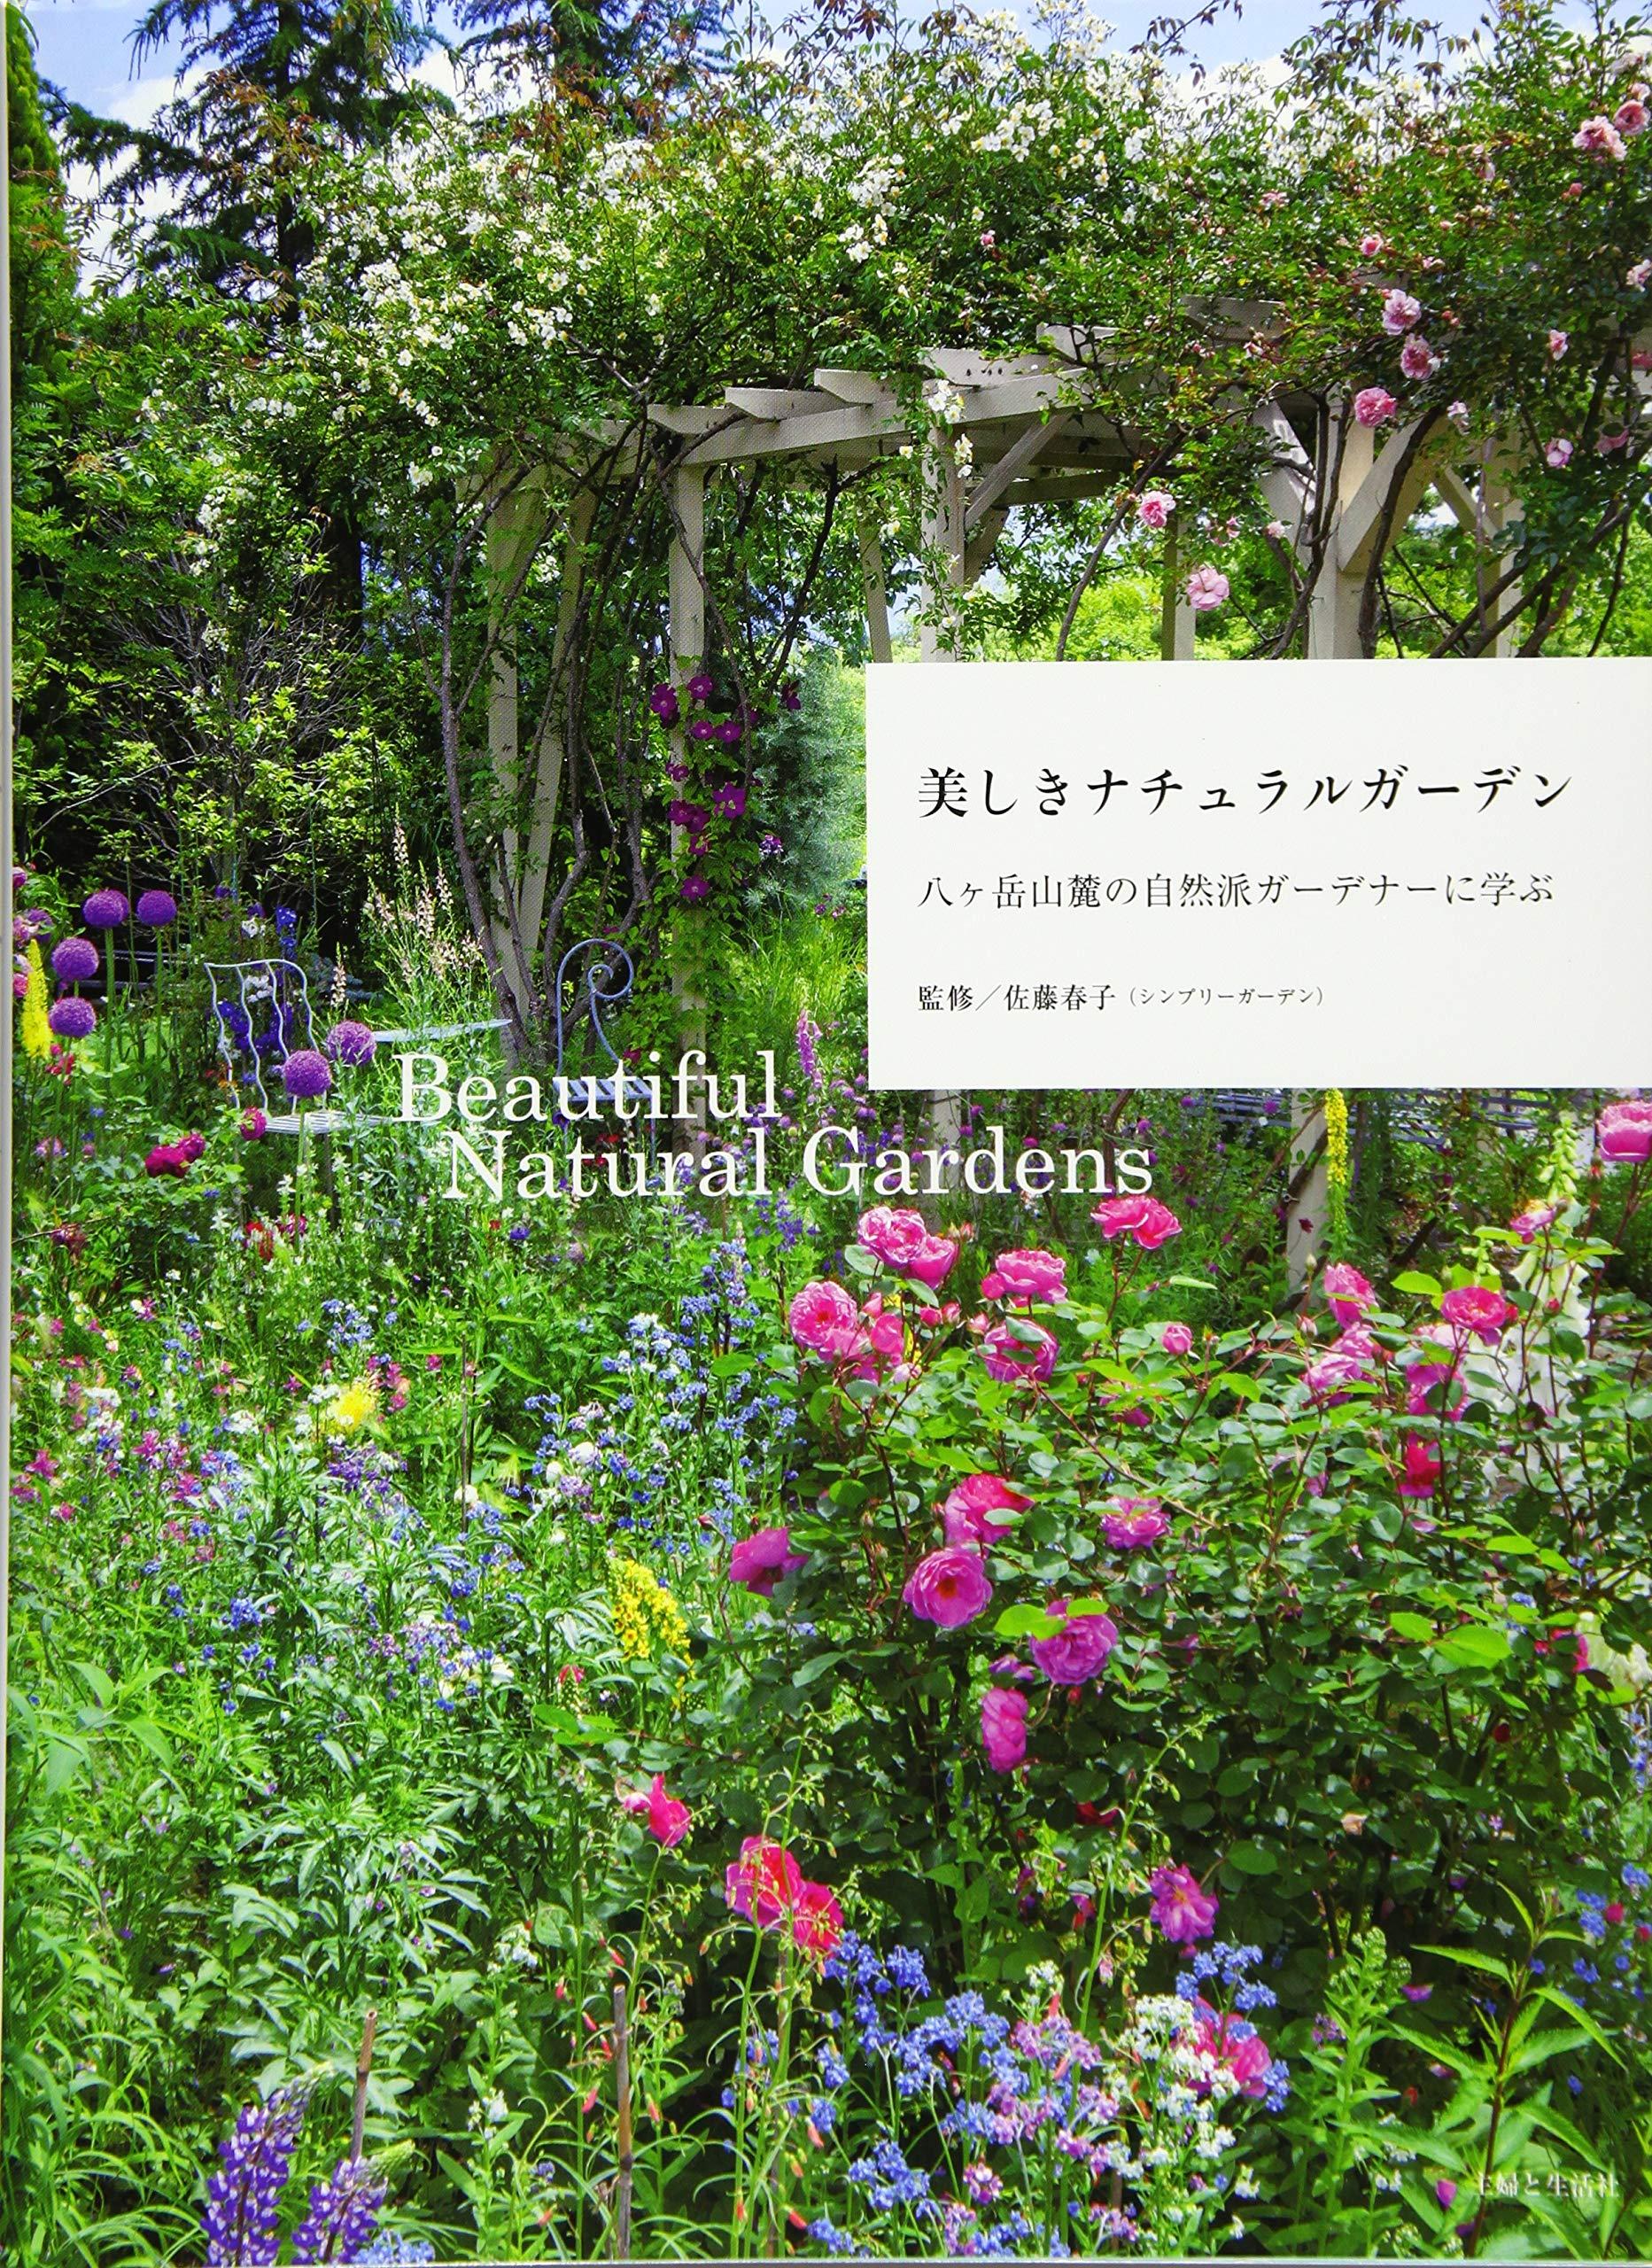 ガーデン ナチュラル